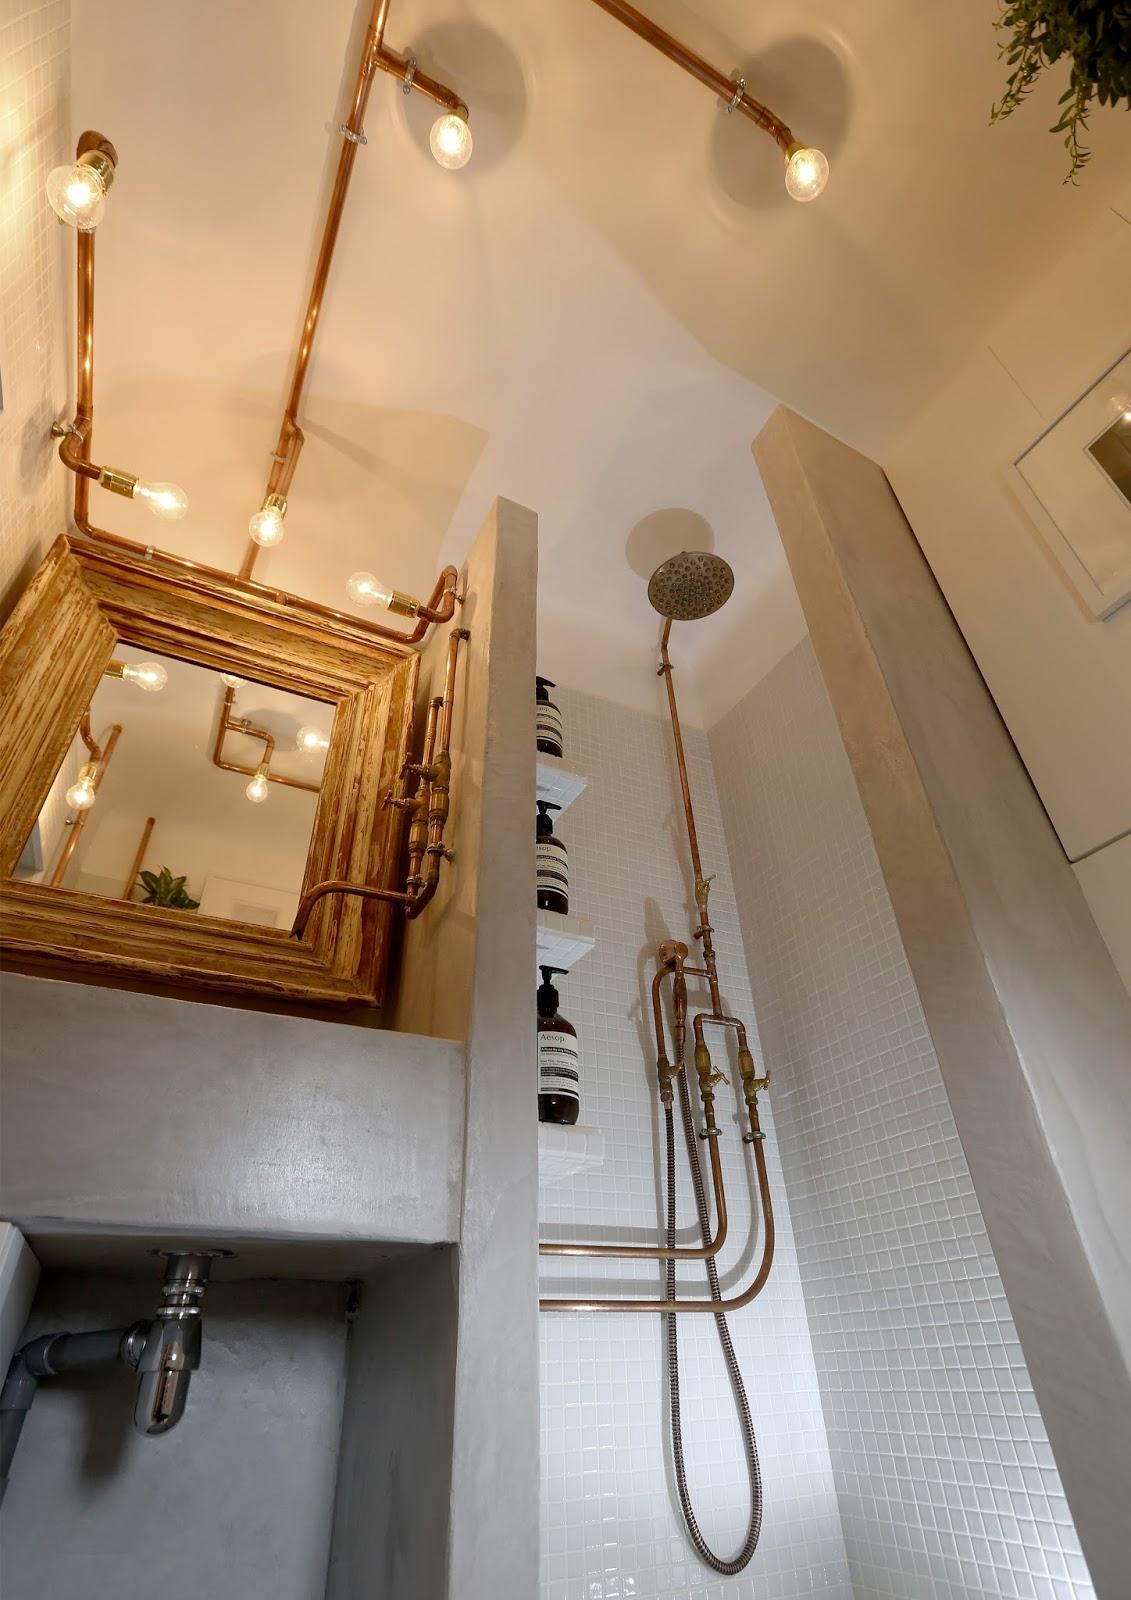 Olivier granet salle de bain for Bains manpreet s md